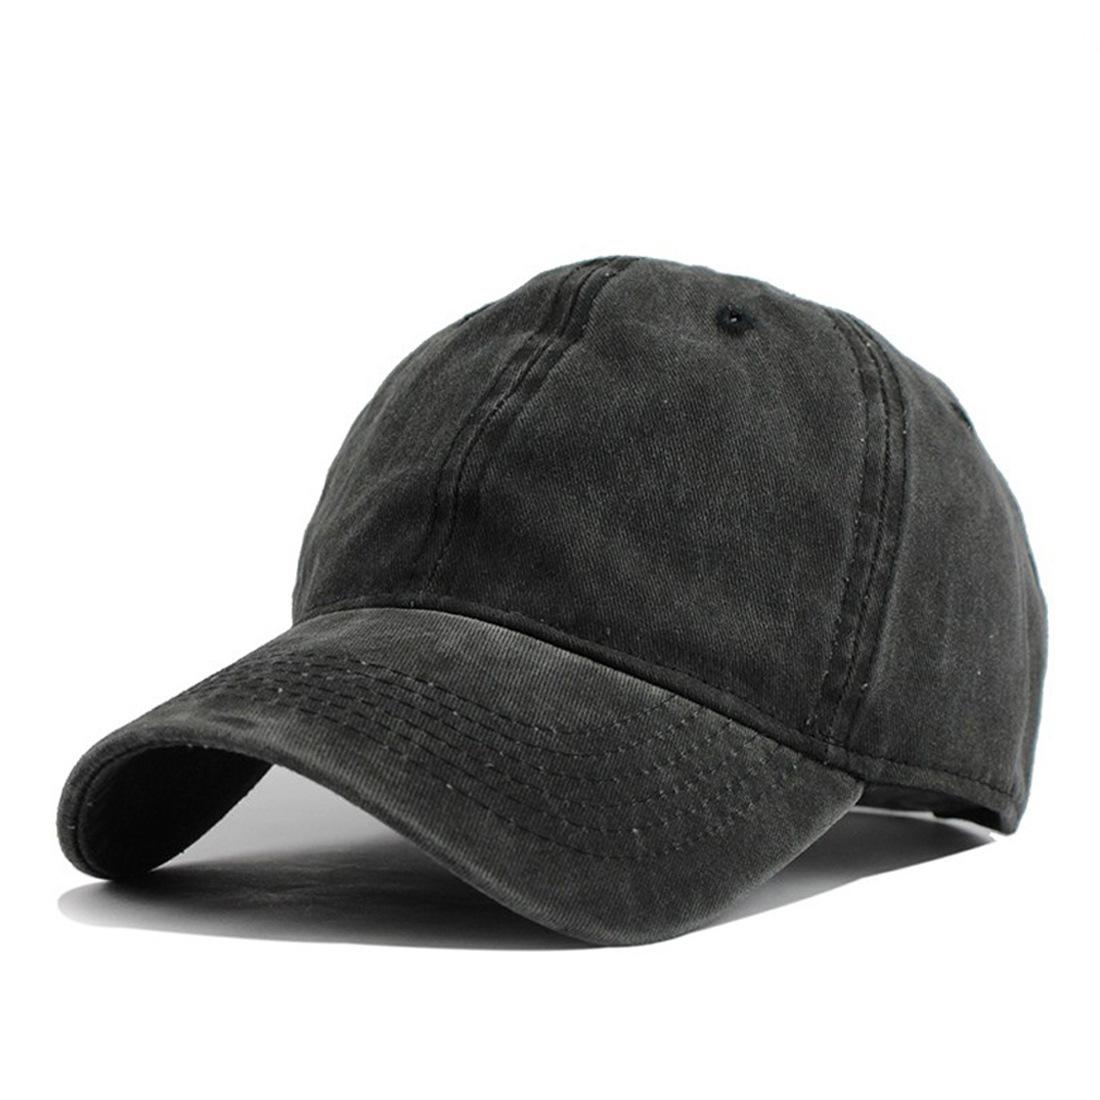 日系水洗老帽 / 男女均碼 / 仿舊復古設計 / 可調整帽圍 / 六色【QTJYW8】